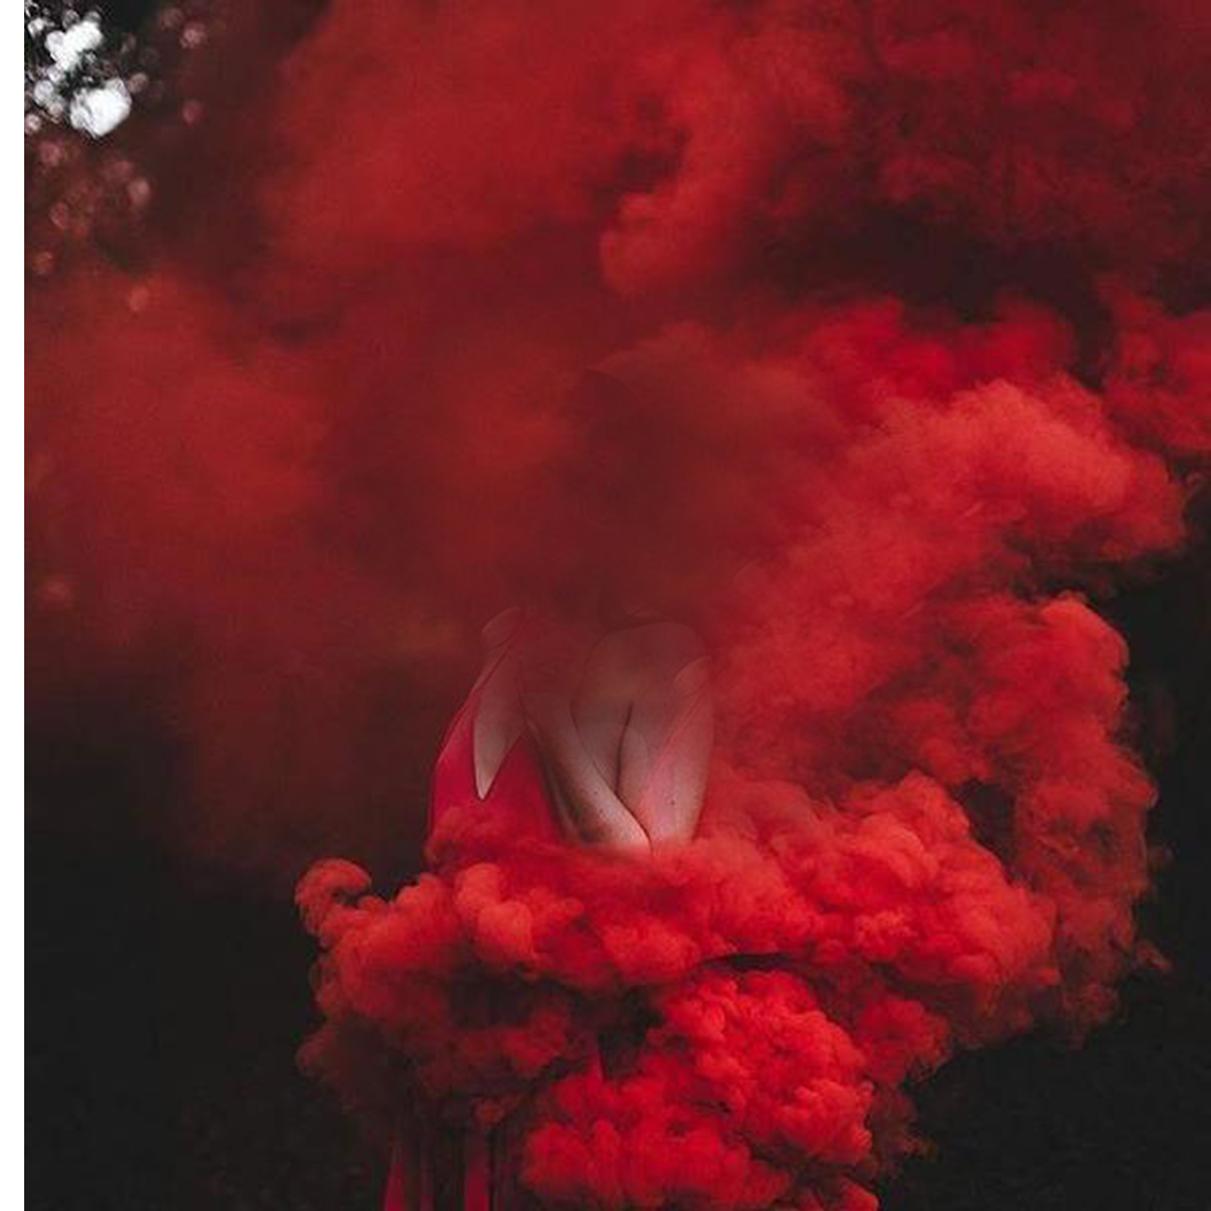 Holi Color Splash Png Images Download Free Download 2019 Holi Colors Photoshop Backgrounds Free Splash Images